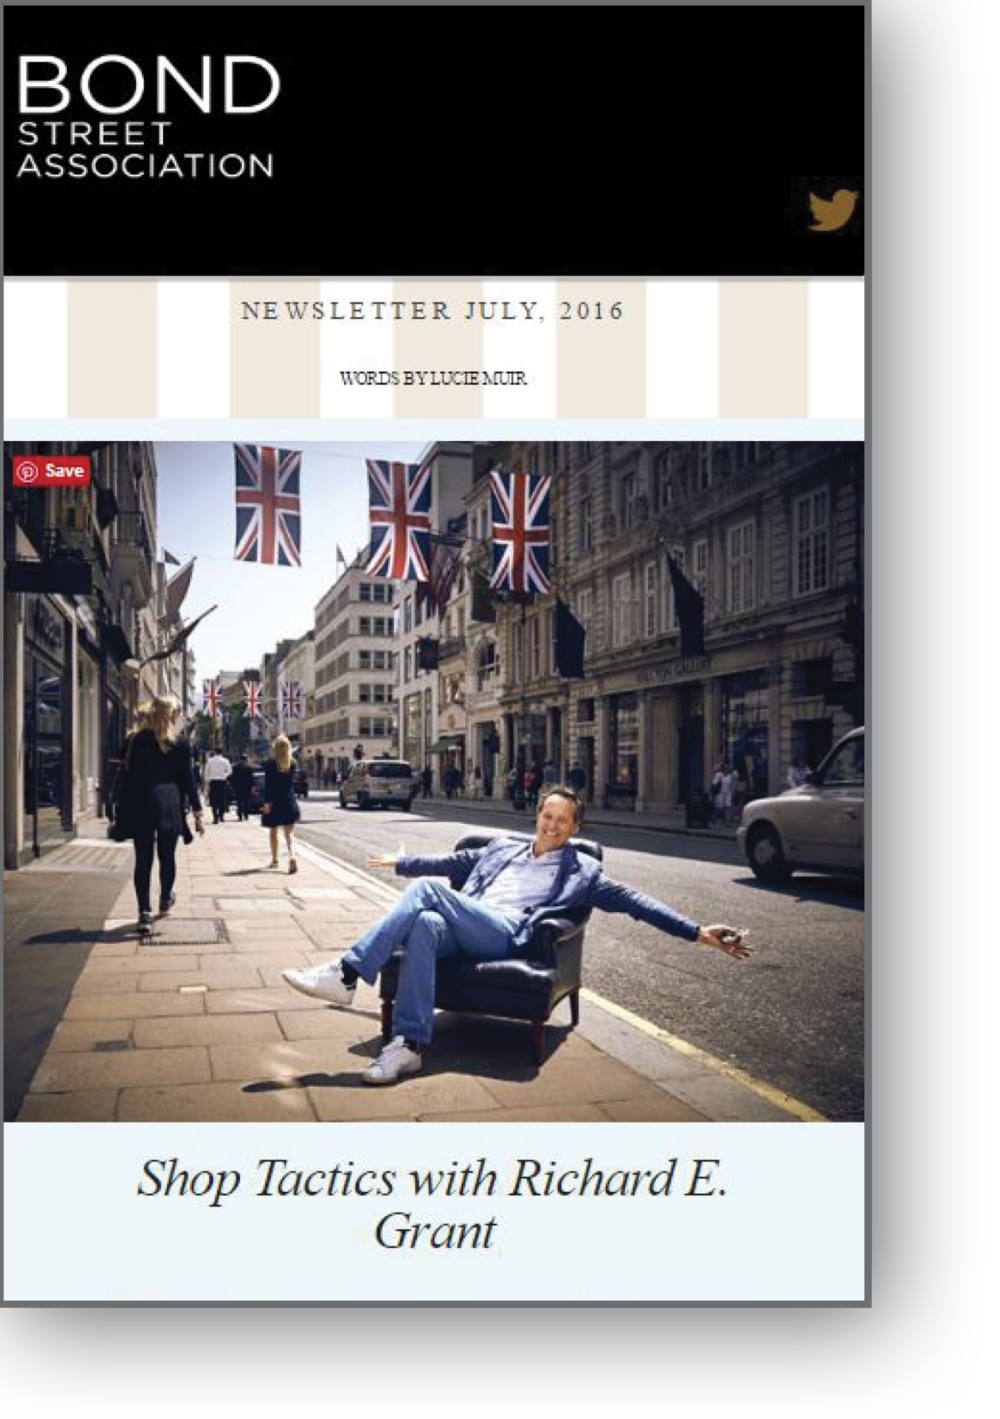 Shop Tactics with Richard E Grant